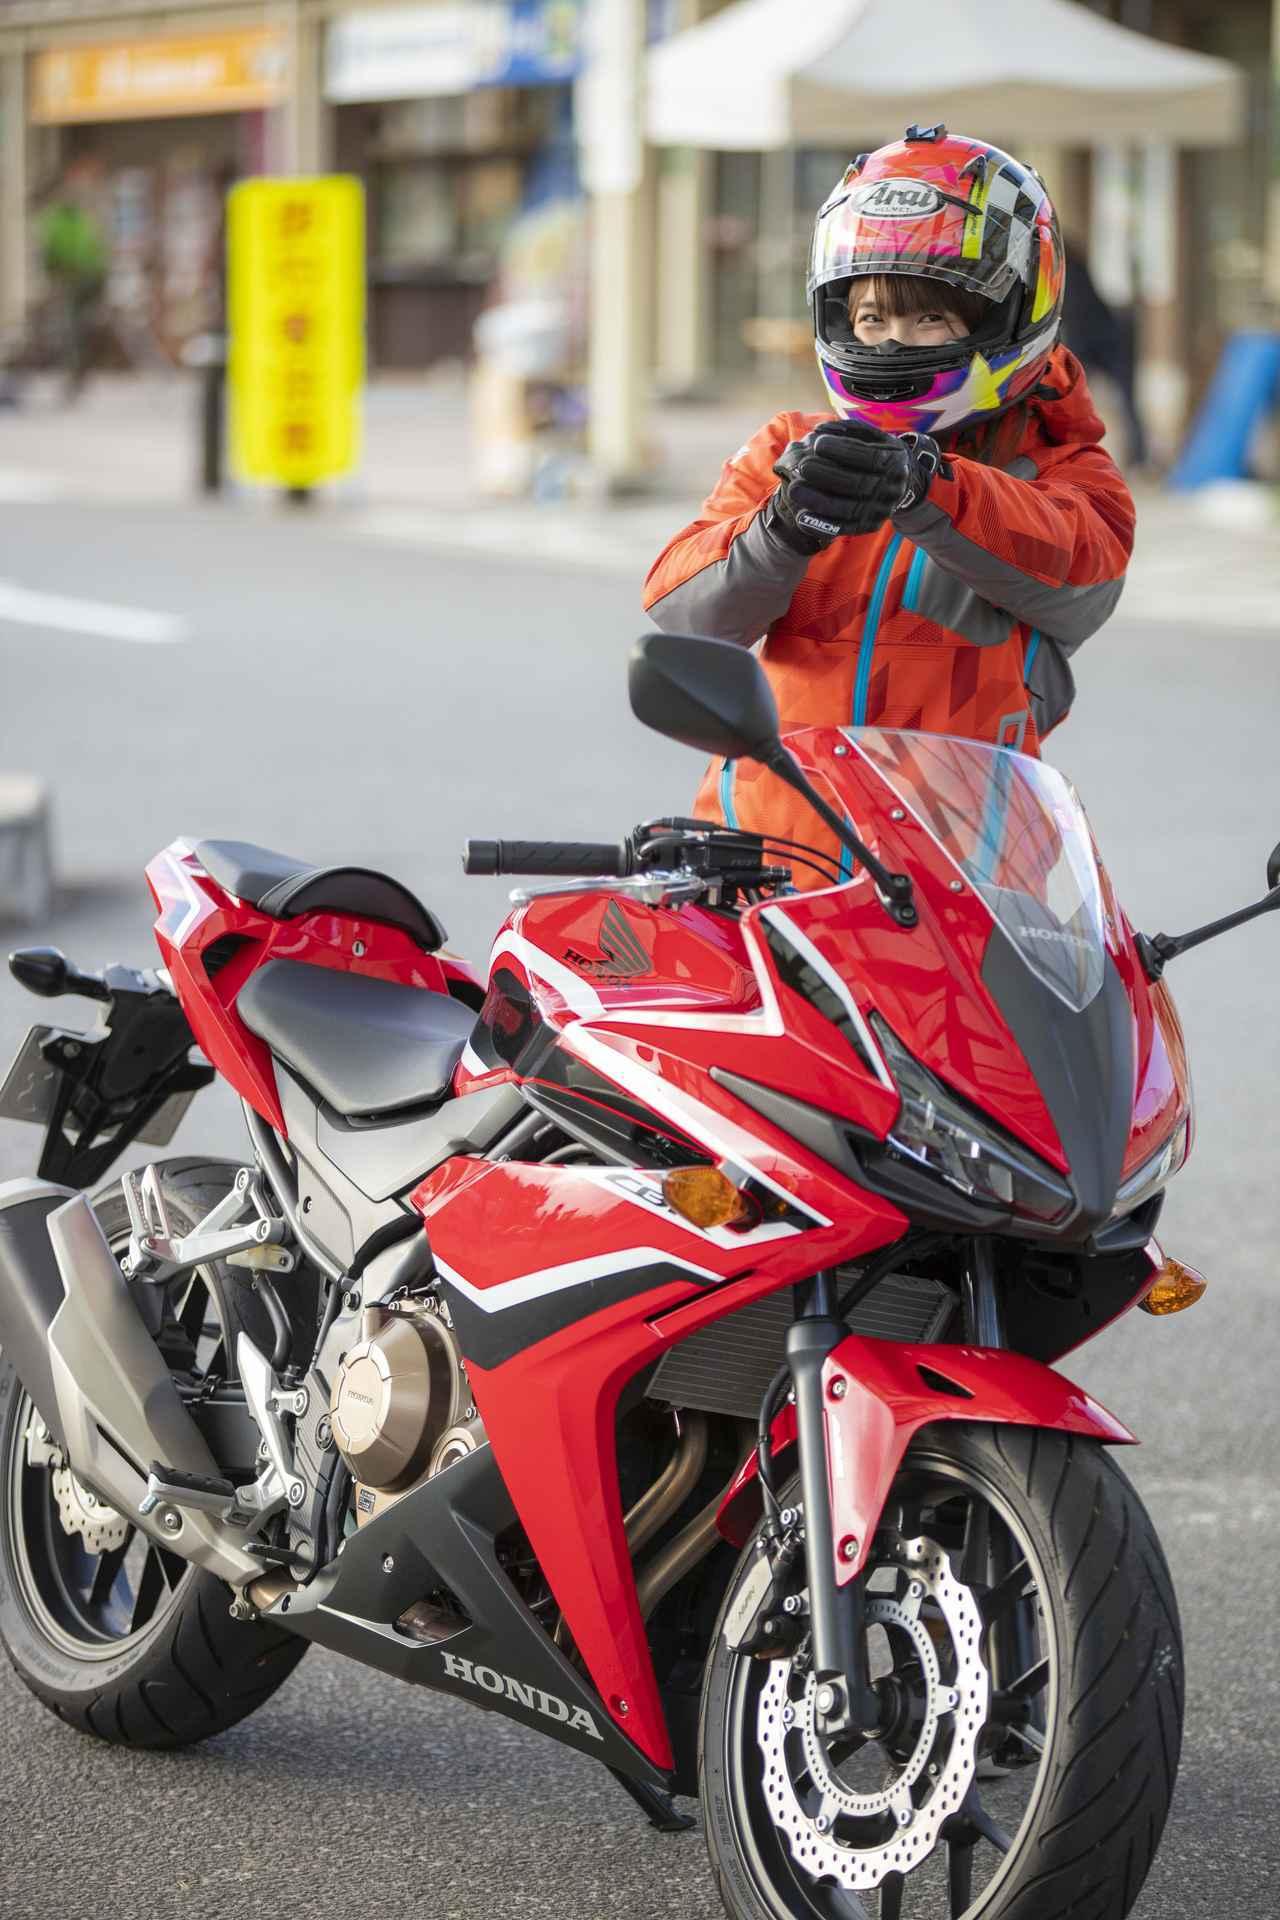 都内から近場 富士山周遊ツーリングその1 声優 西田望見のa Little Rider Cbr400r A Little Honda ア リトル ホンダ リトホン